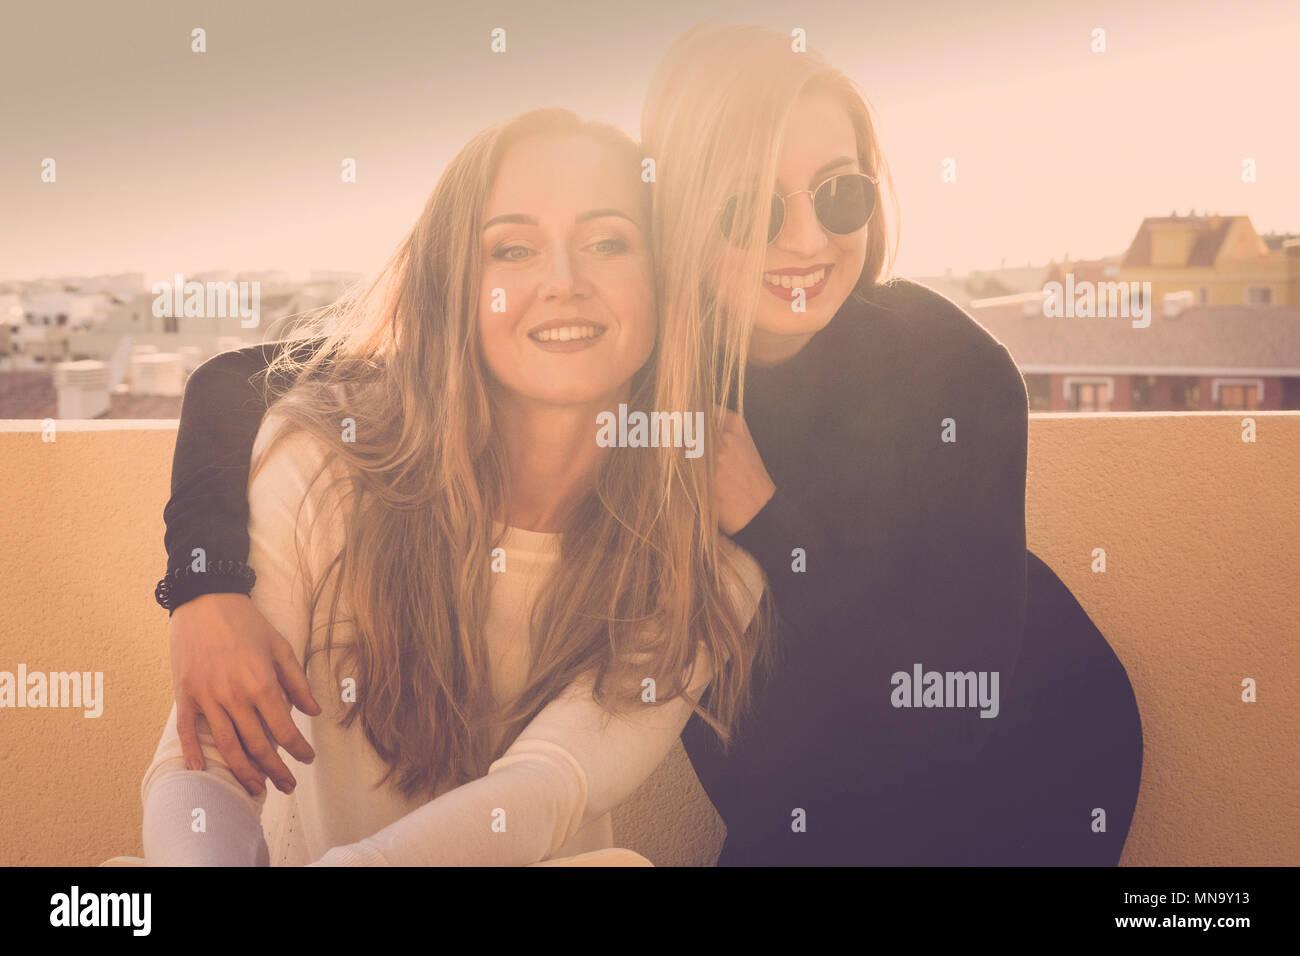 Sourire et plaisir pour un couple de filles blondes en plein air, sur la terrasse en plein soleil. roodtop image lumineuse rétro-éclairage avec concept d'amitié. beaux modèles h Photo Stock